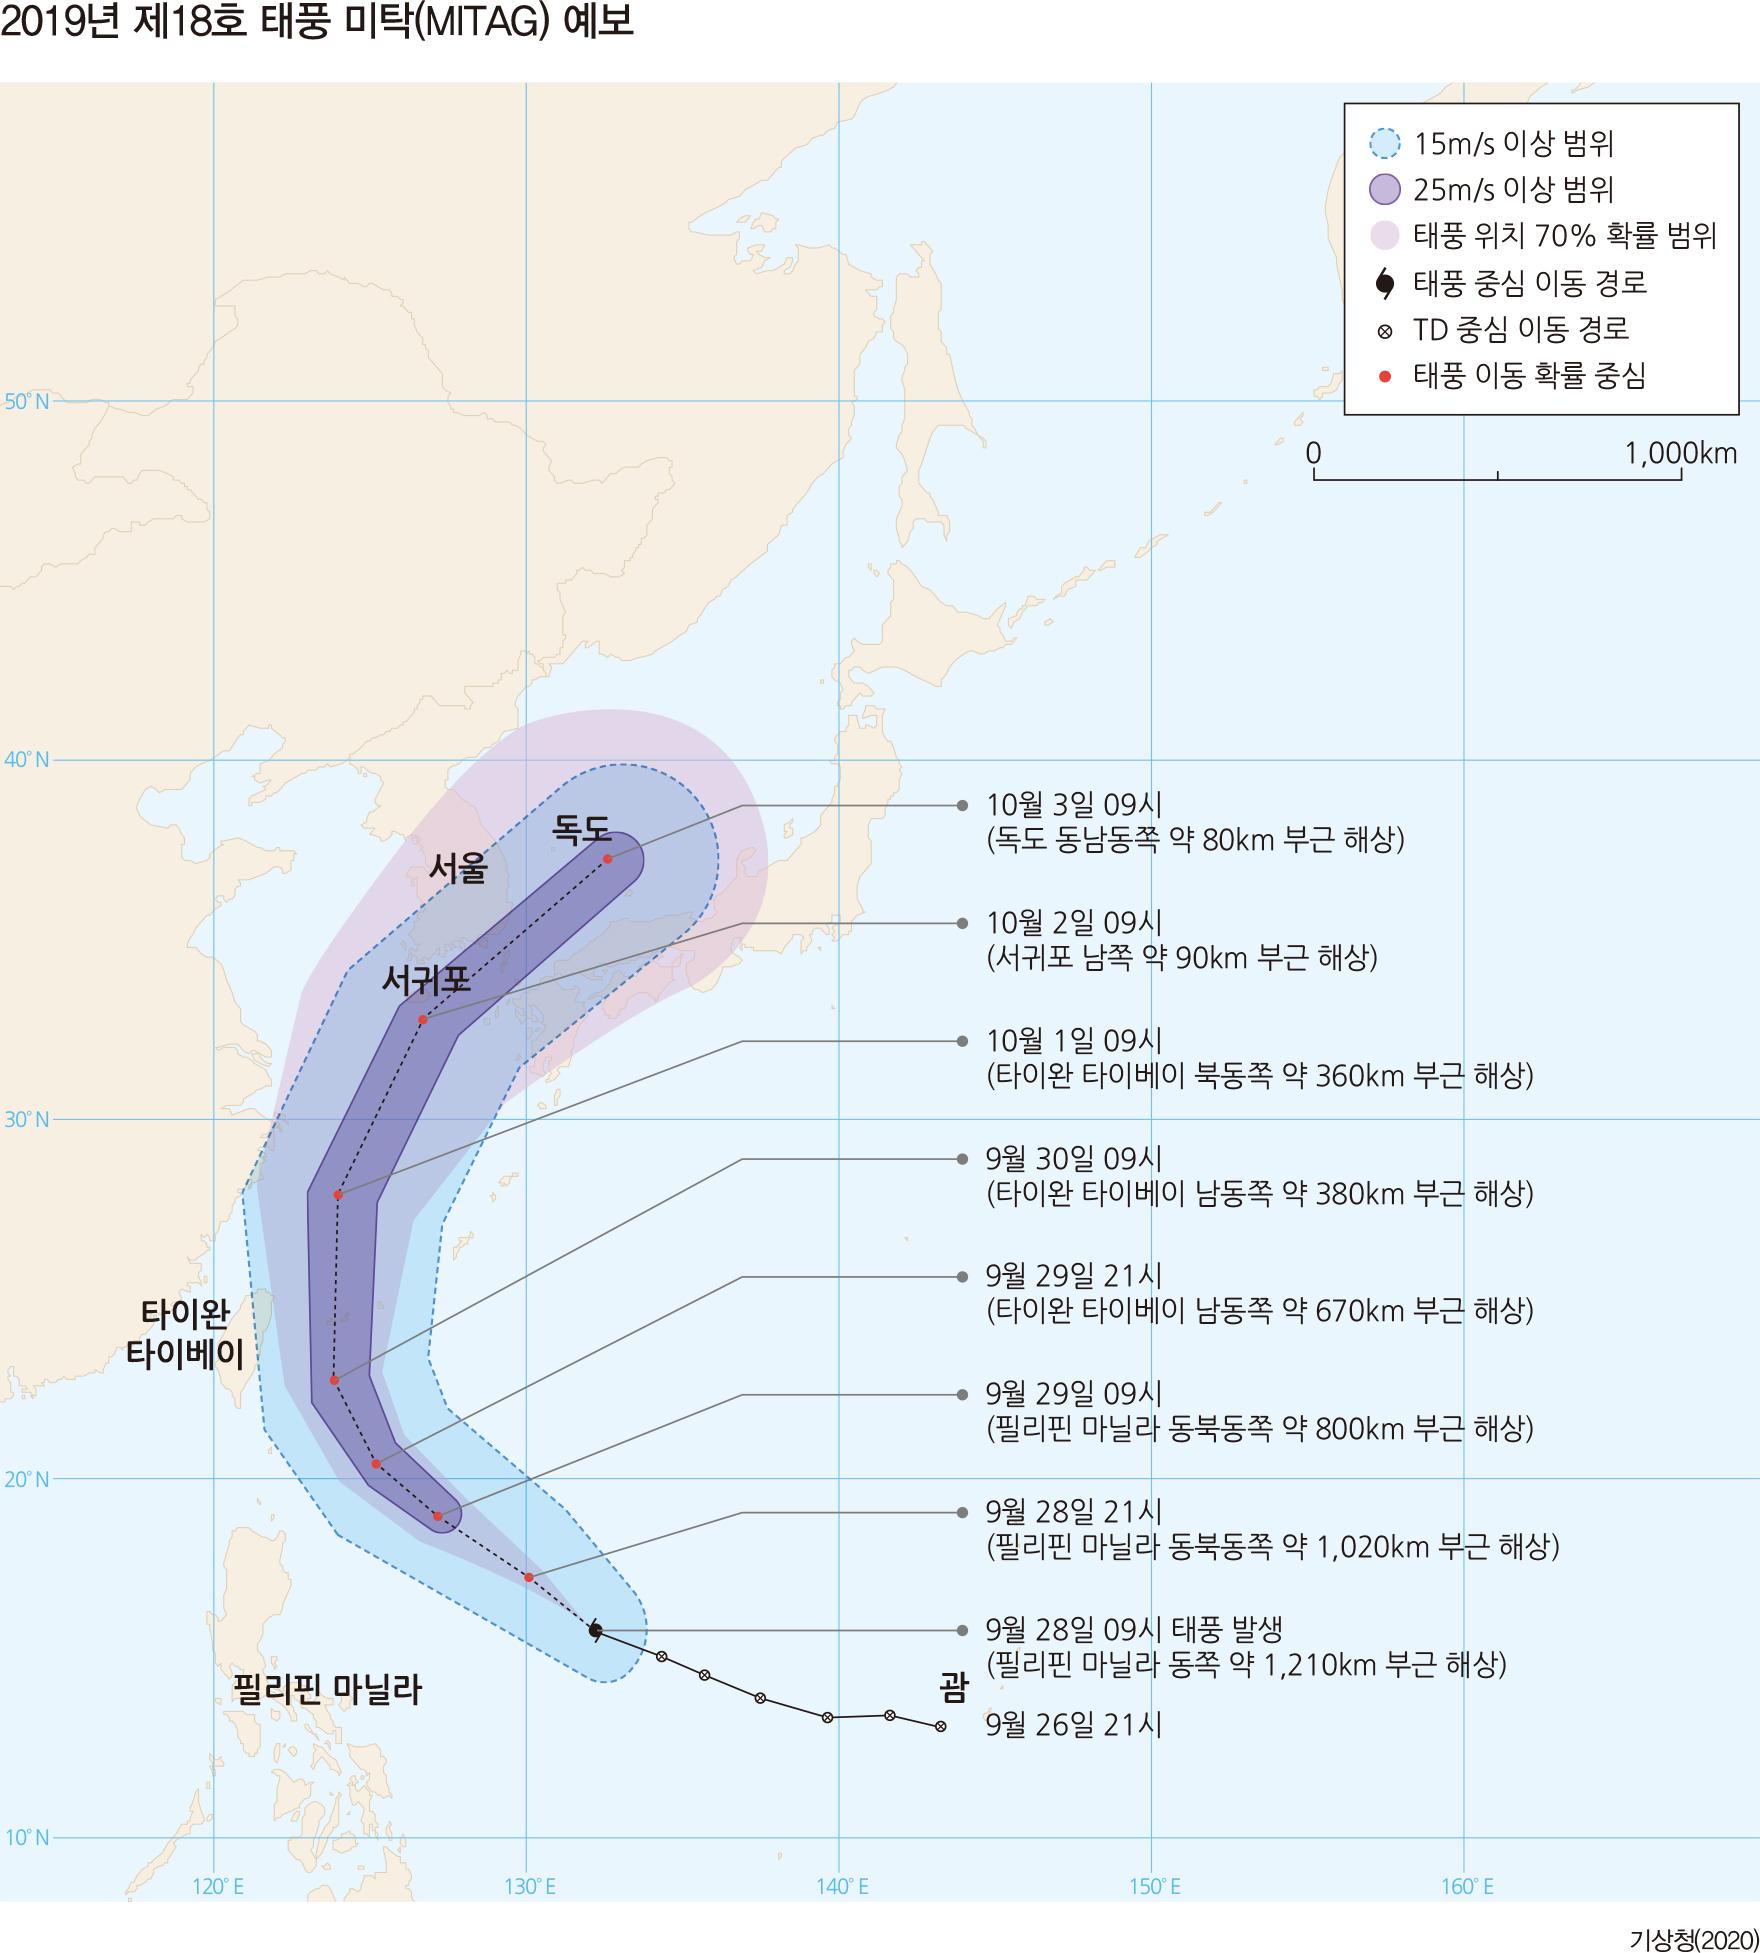 2019년 제18호 태풍 미탁(MITAG) 예보